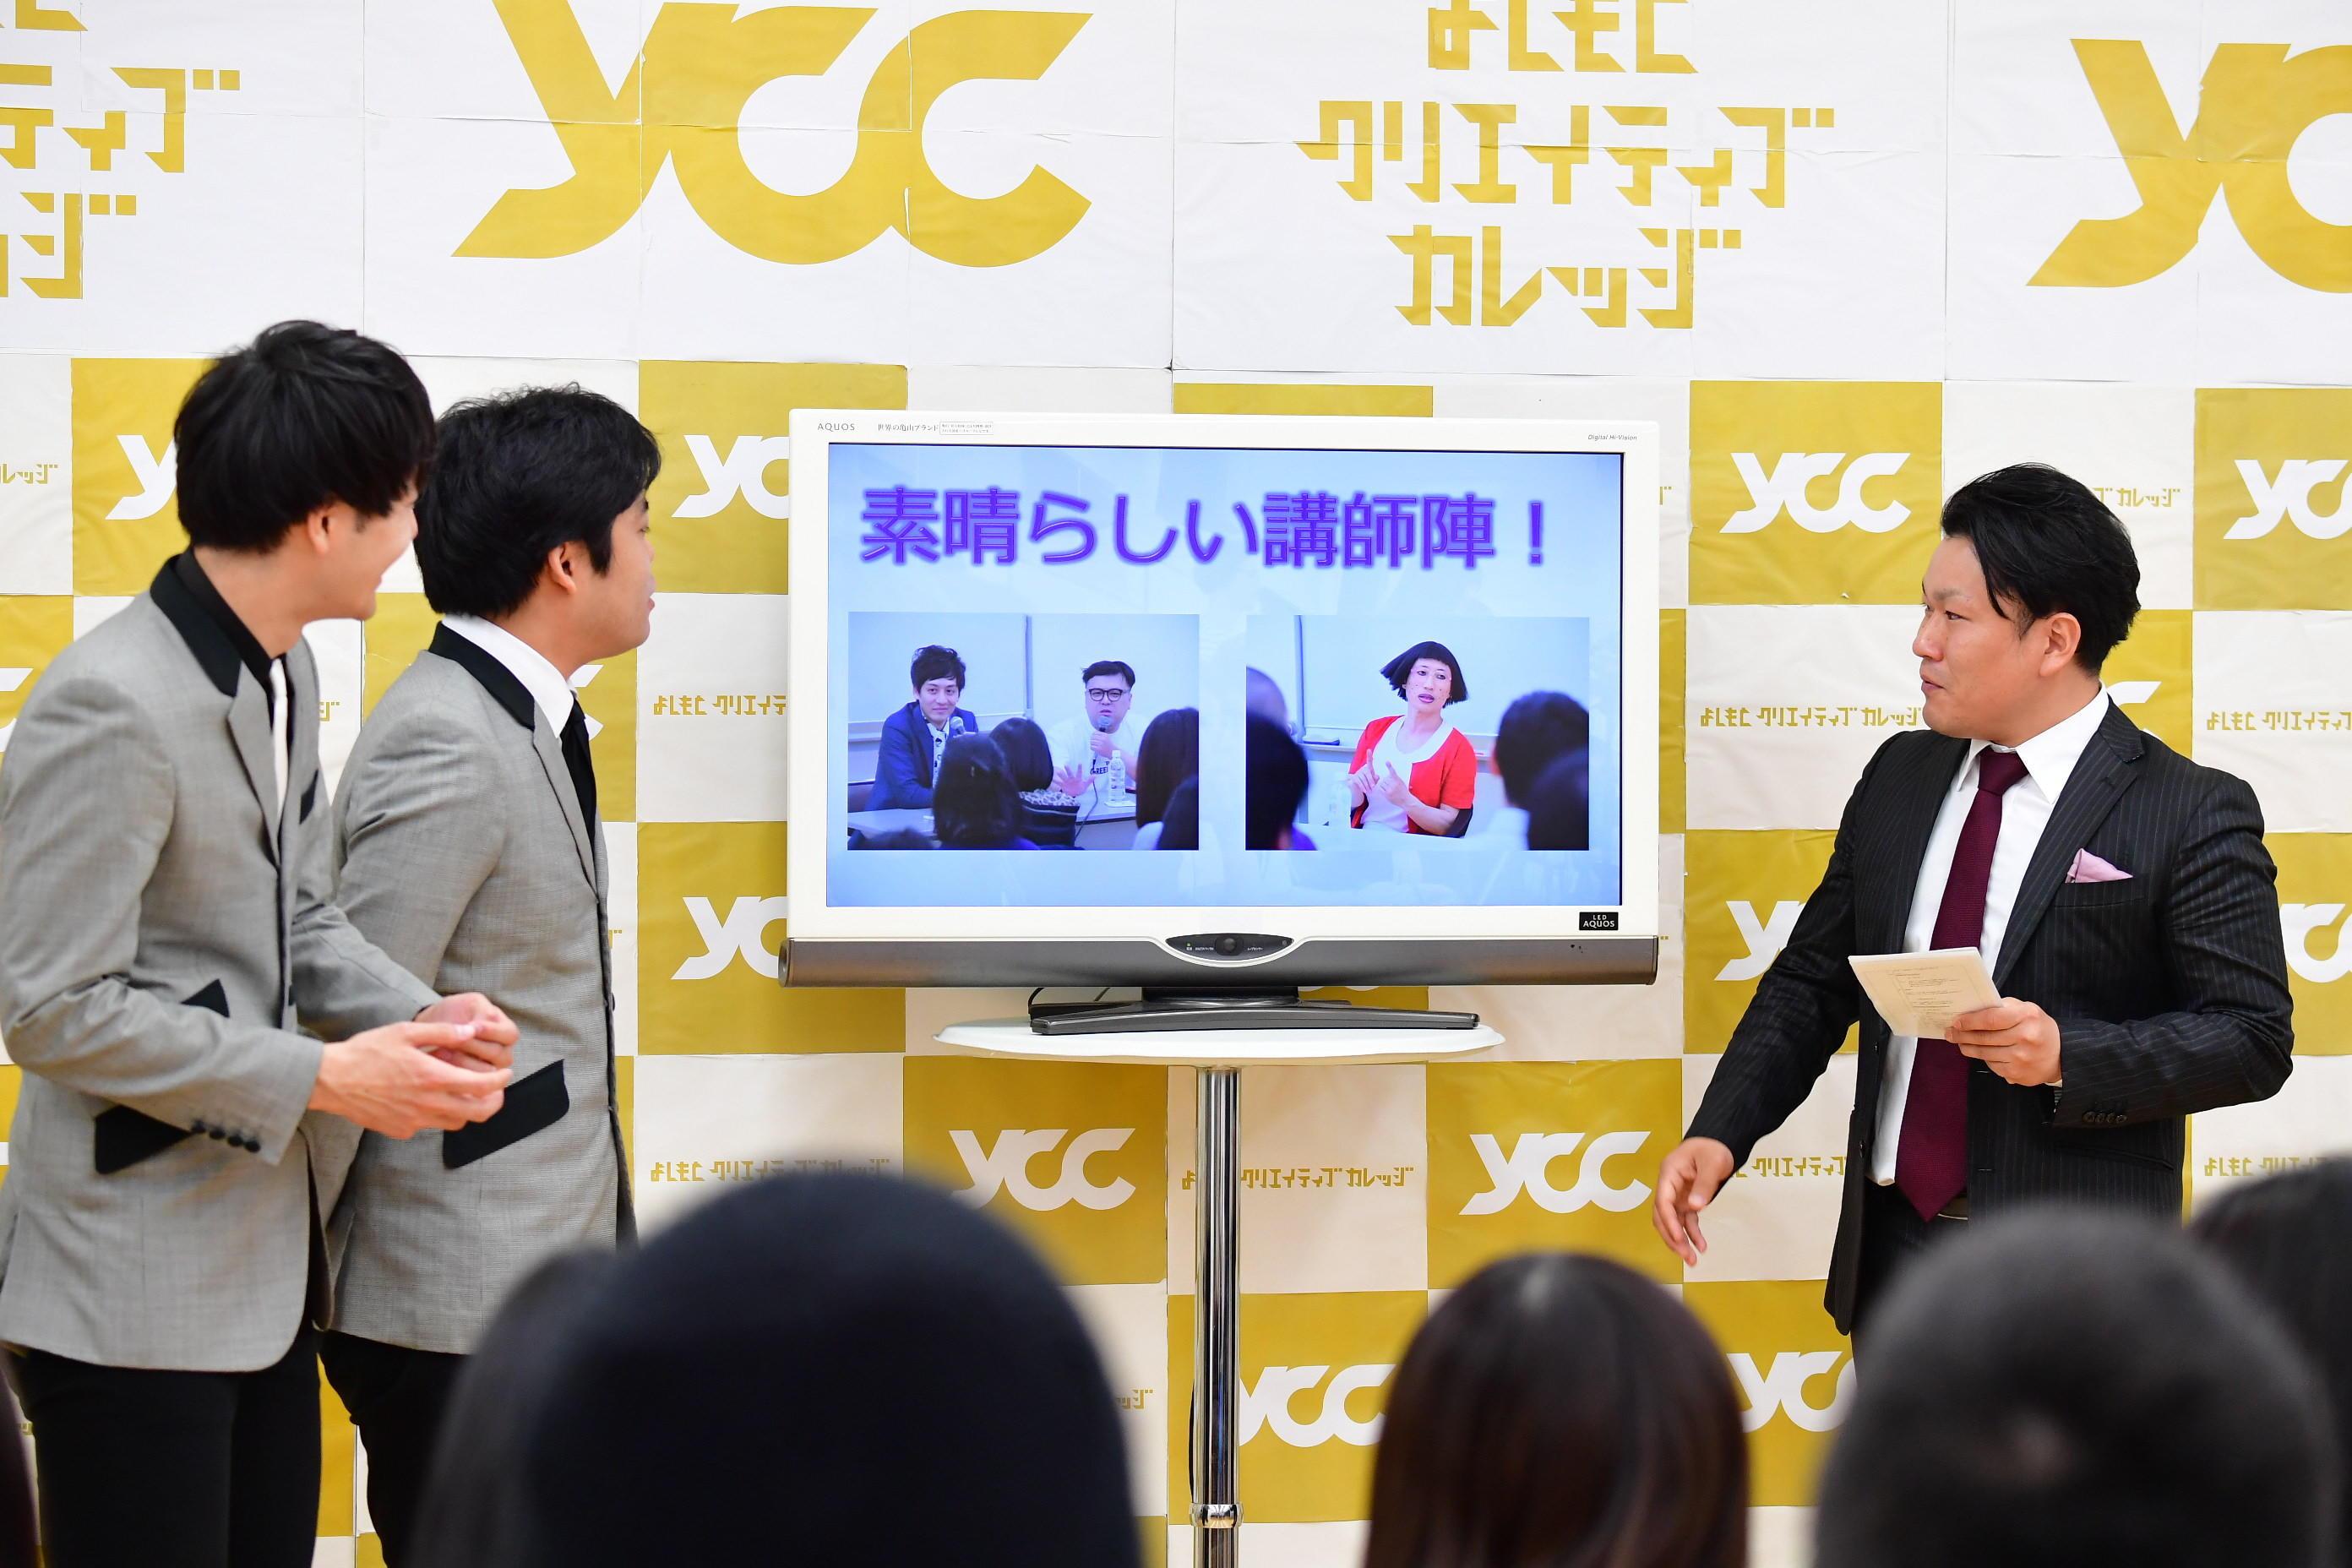 http://news.yoshimoto.co.jp/20180415153539-ba6013503213268035a3e6535a8823a122c28e37.jpg